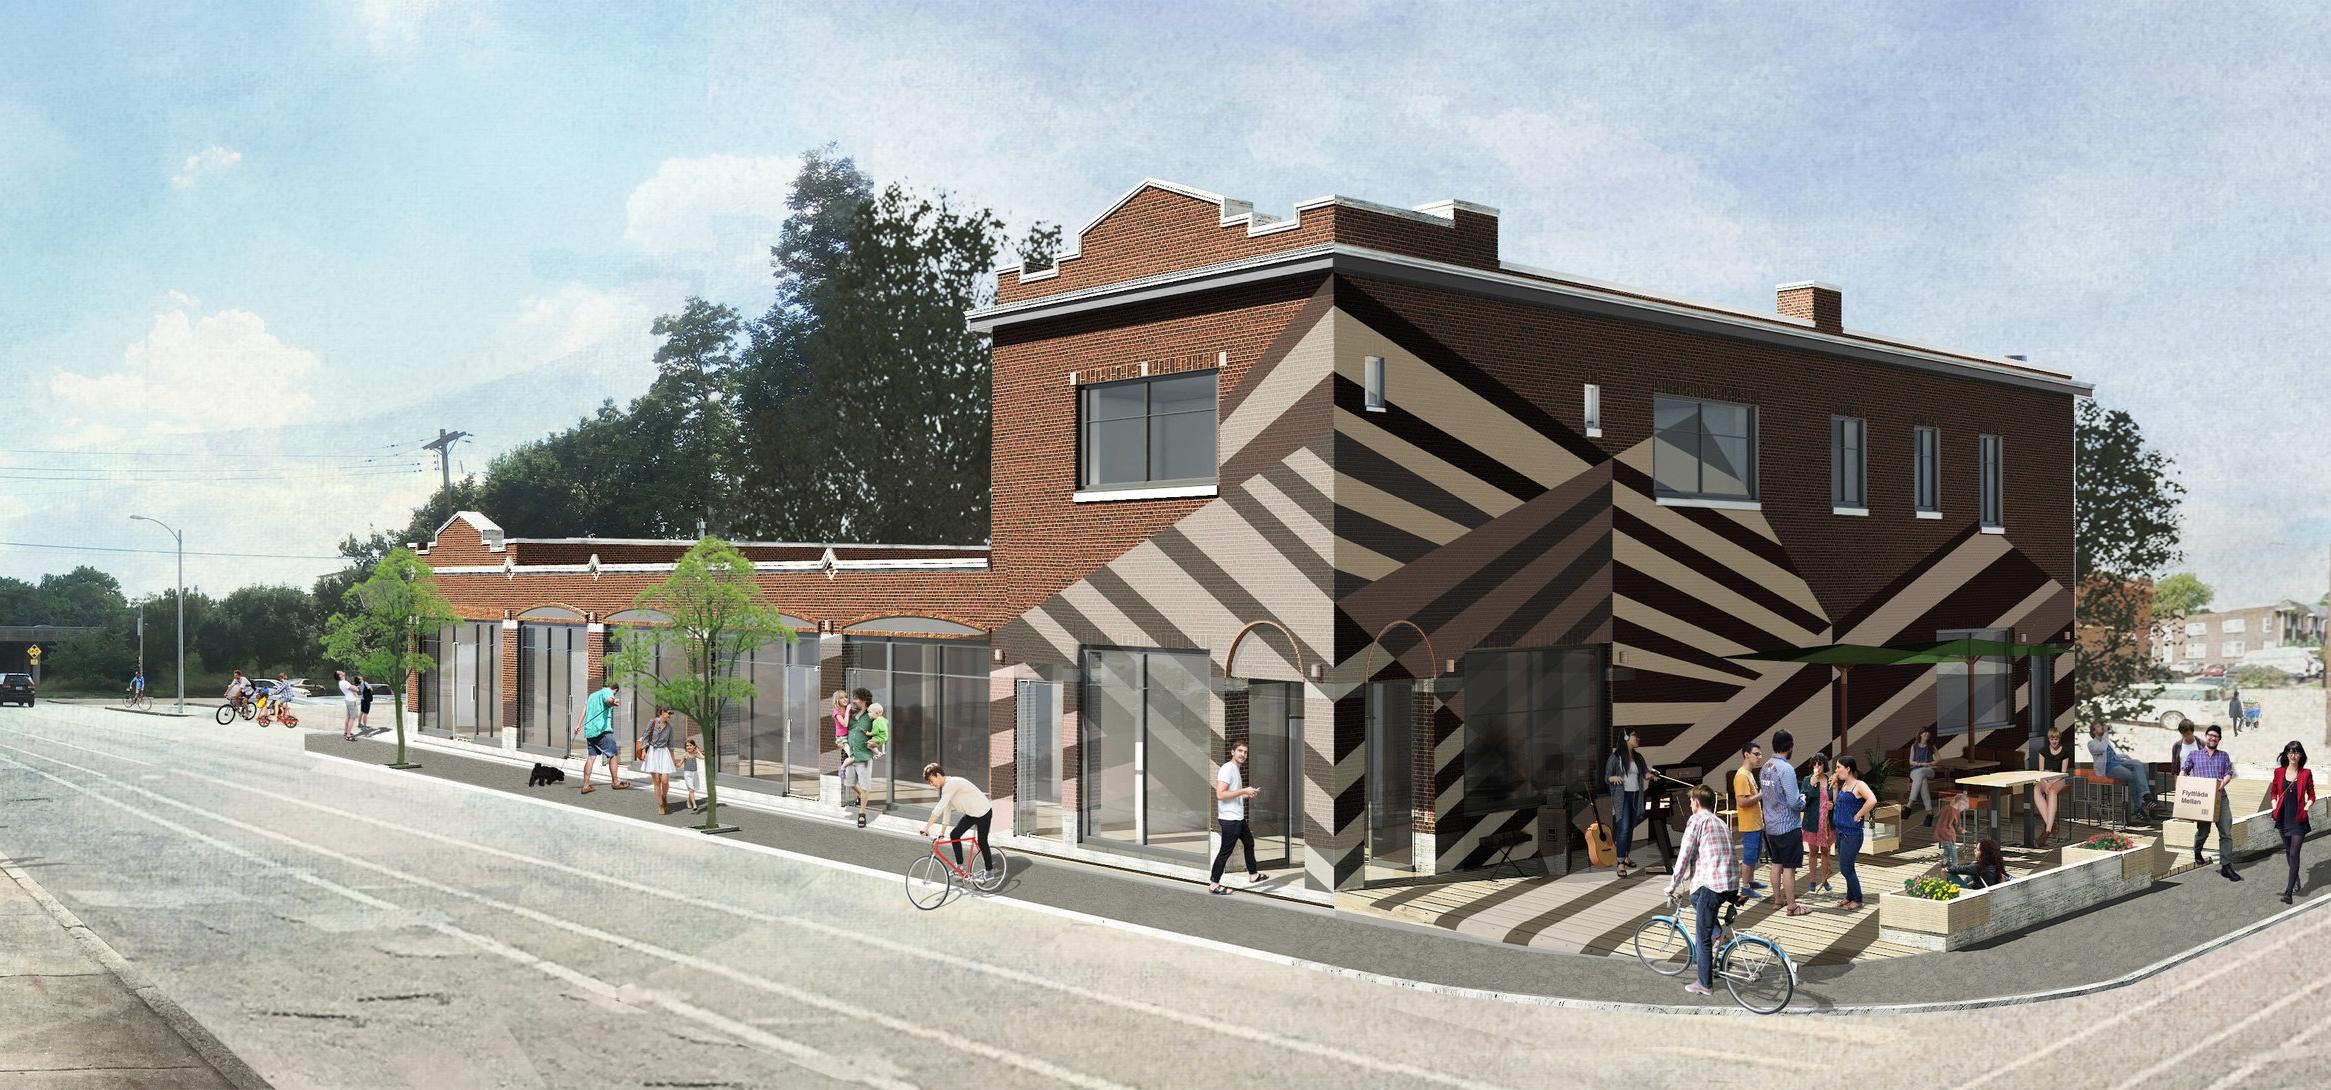 Hoffman Building bedazzled -